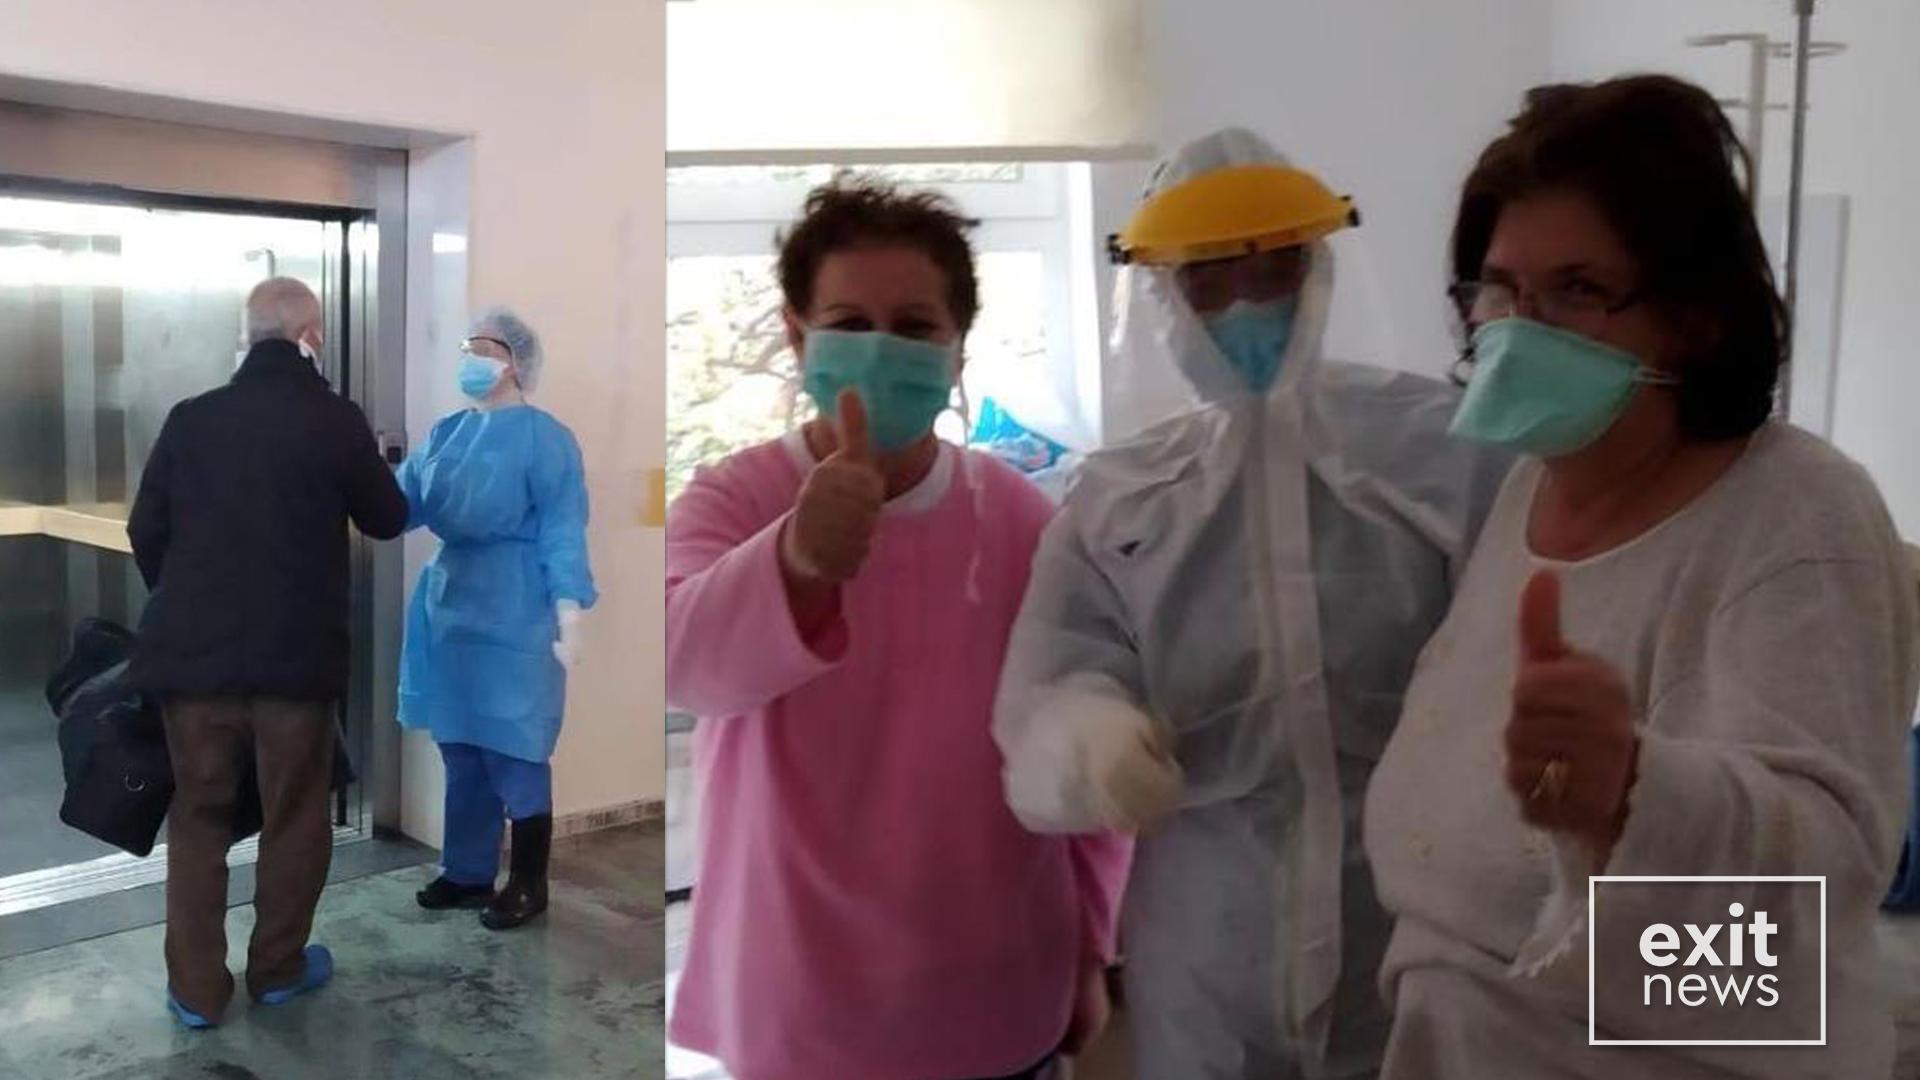 Shërohen 8 persona të sëmurë me koronavirus